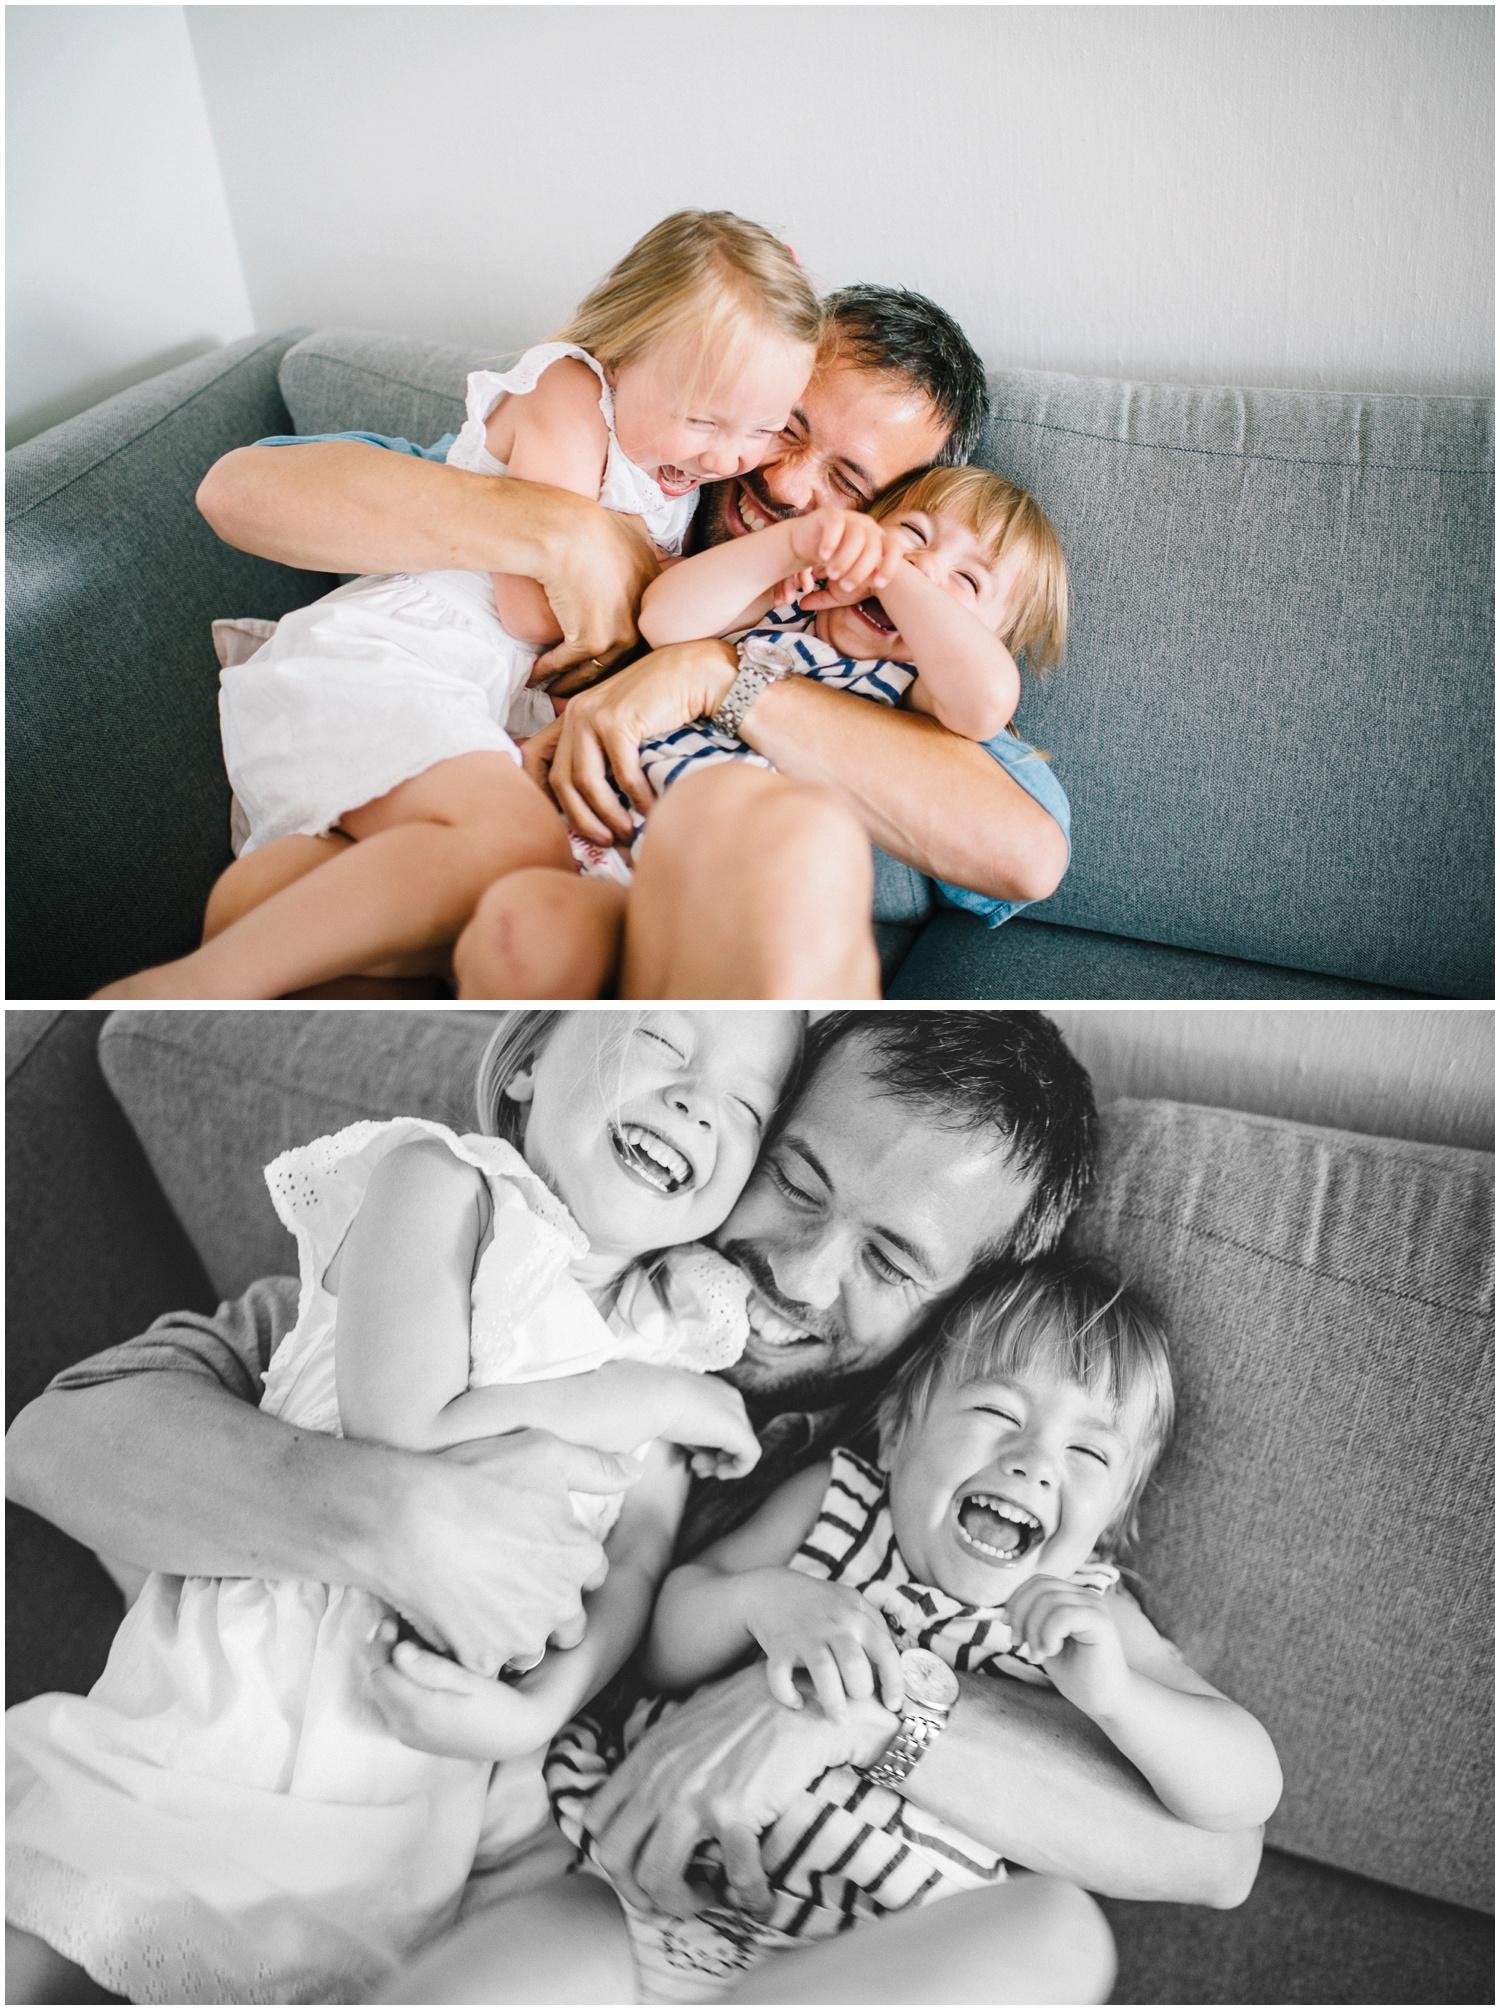 Oslo Family Portraits www.trentandjessie.com_0008.jpg